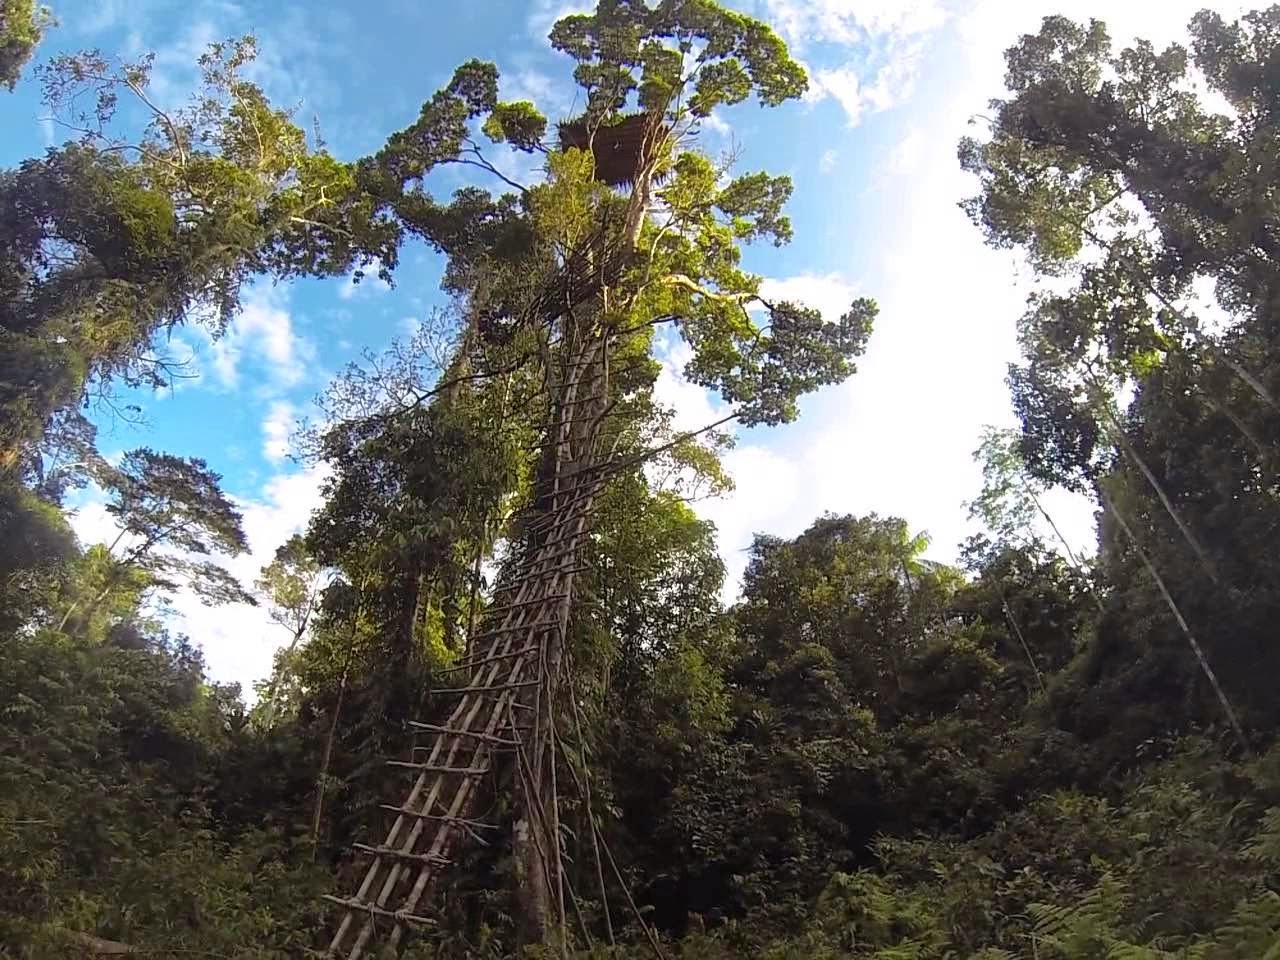 casa en el árbol de gran altura vista desde abajo